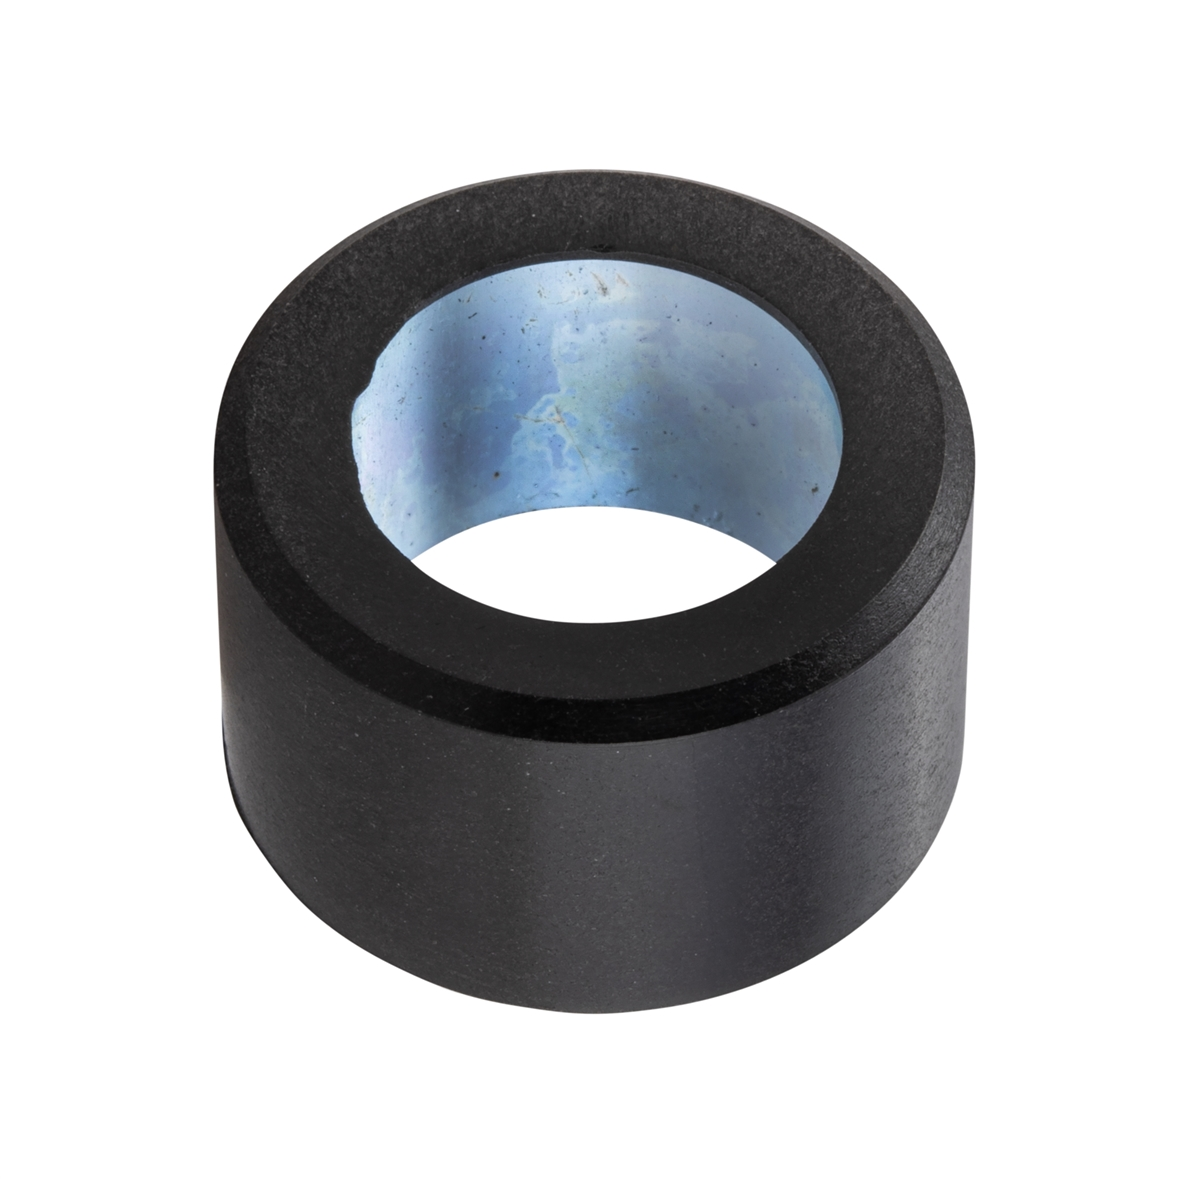 Image du produit 'Rouleau de variateur PIAGGIO 25x16 mm 16,0g'